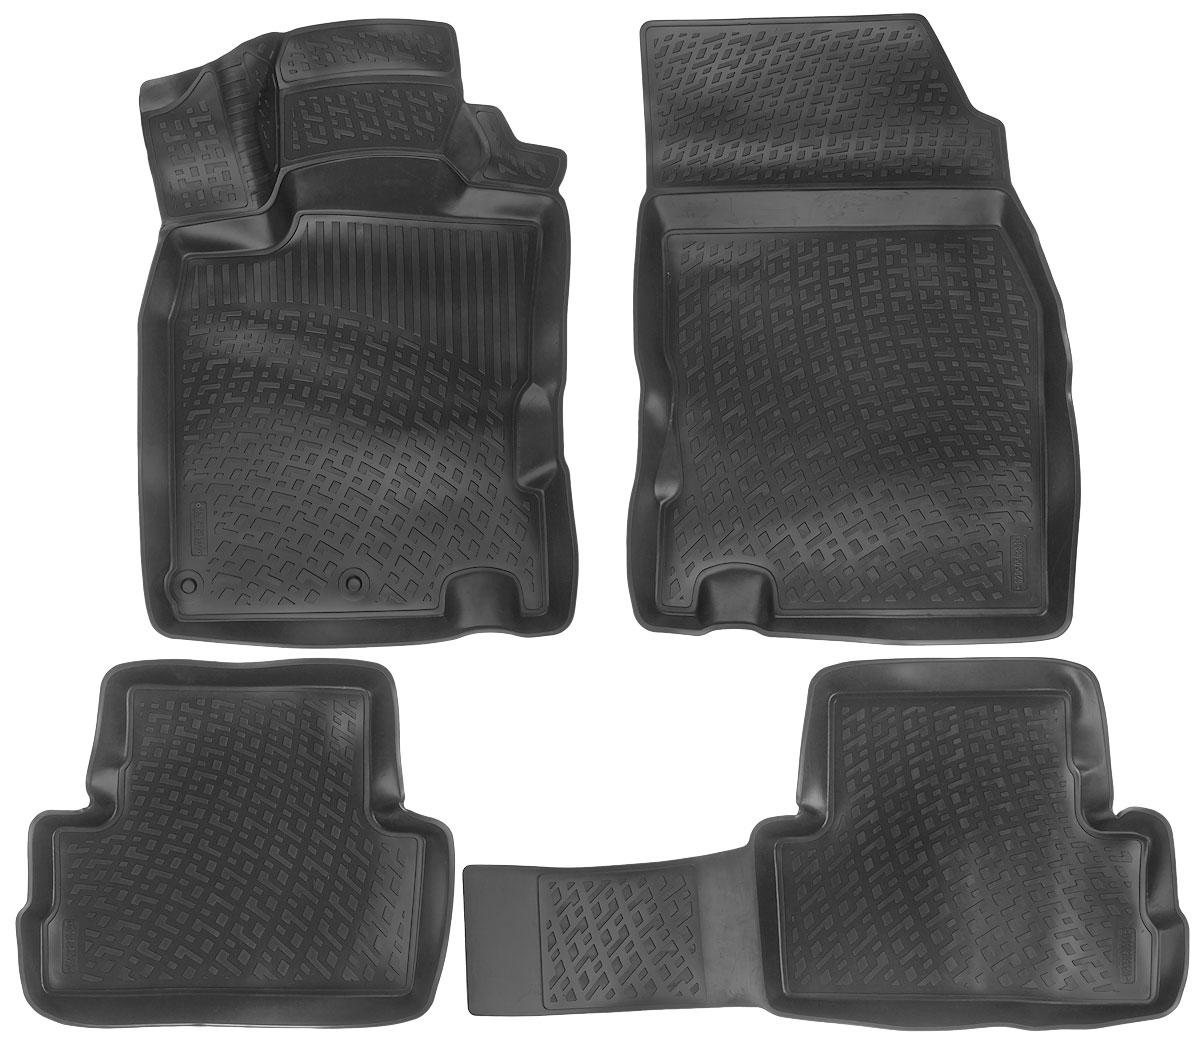 Набор автомобильных ковриков L.Locker Nissan Qashqai II 2014, в салон, 4 шт0205050301Набор L.Locker Nissan Qashqai II 2014, изготовленный из полиуретана, состоит из 4 антискользящих 3D ковриков, которые производятся индивидуально для каждой модели автомобиля. Изделие точно повторяет геометрию пола автомобиля, имеет высокий борт, обладает повышенной износоустойчивостью, лишено резкого запаха и сохраняет свои потребительские свойства в широком диапазоне температур от -50°С до +50°С. Комплектация: 4 шт. Размер ковриков: 87 см х 53 см; 53 см х 46 см; 92 см х 46 см; 54 см х 77 см.